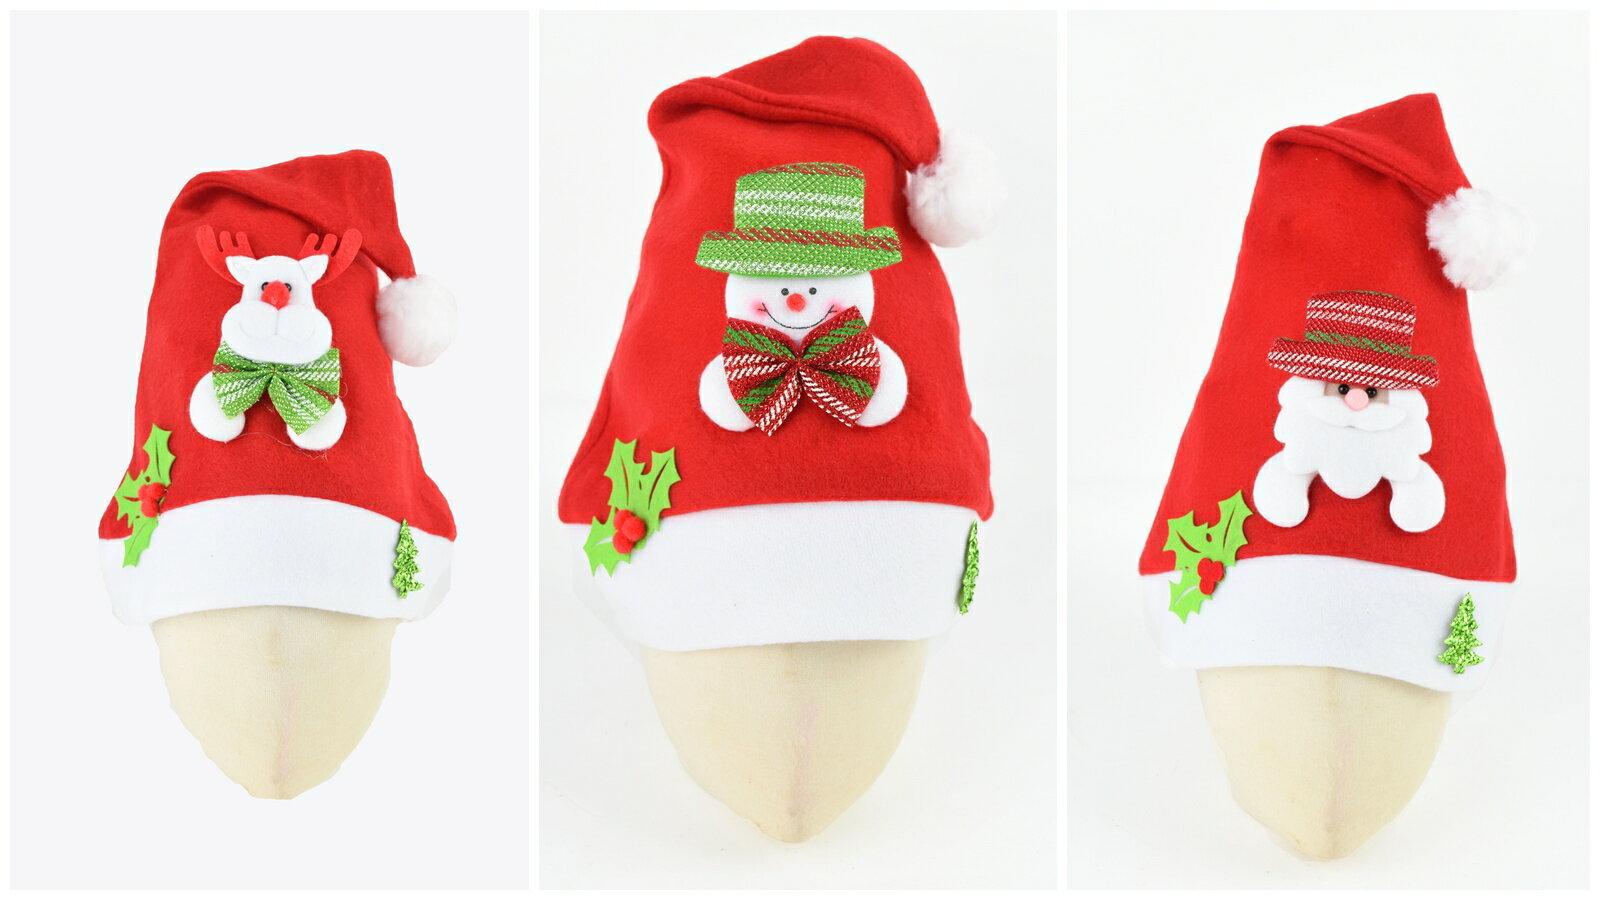 X射線【X294082】拉絨布綠葉公仔聖誕帽,聖誕節/派對用品/舞會道具/cosplay/角色扮演/麋鹿/表演/情趣/園遊會/校慶